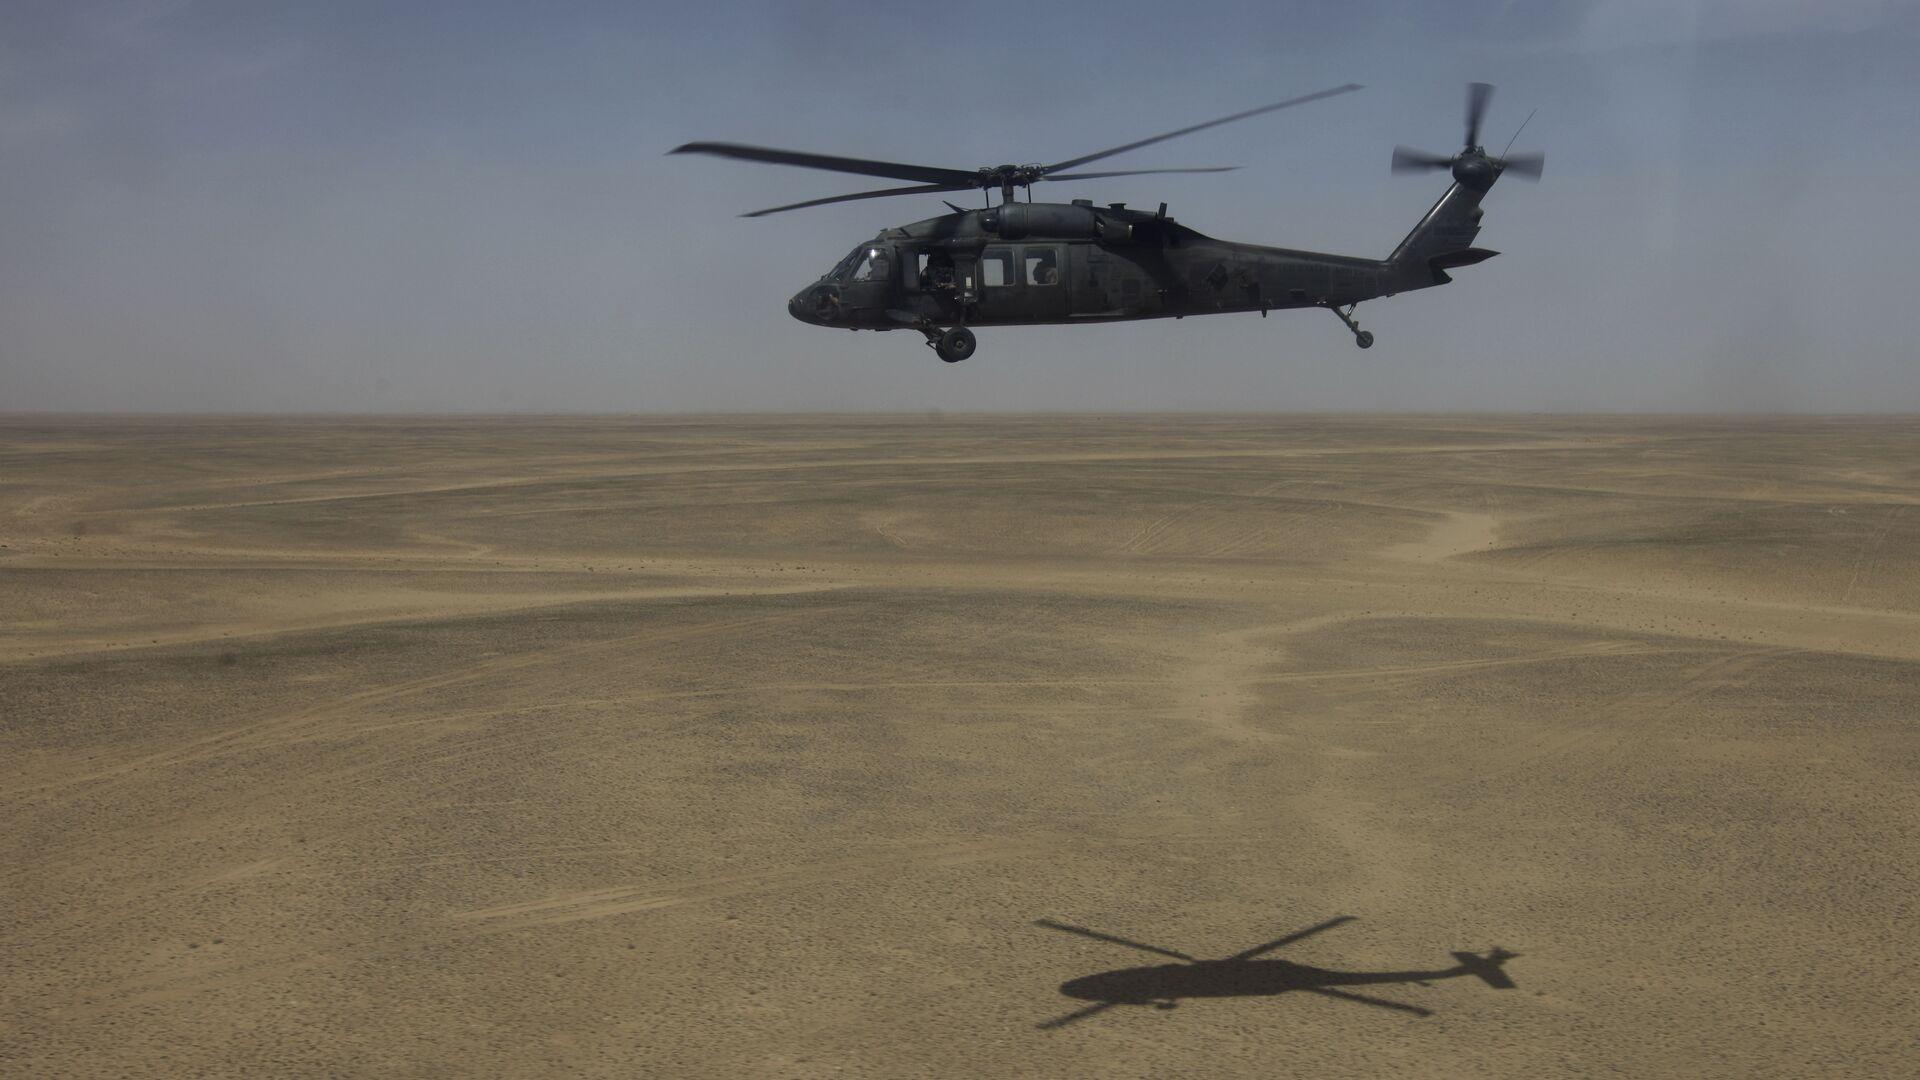 Вертолет Sikorsky UH-60 Black Hawk - РИА Новости, 1920, 22.07.2020